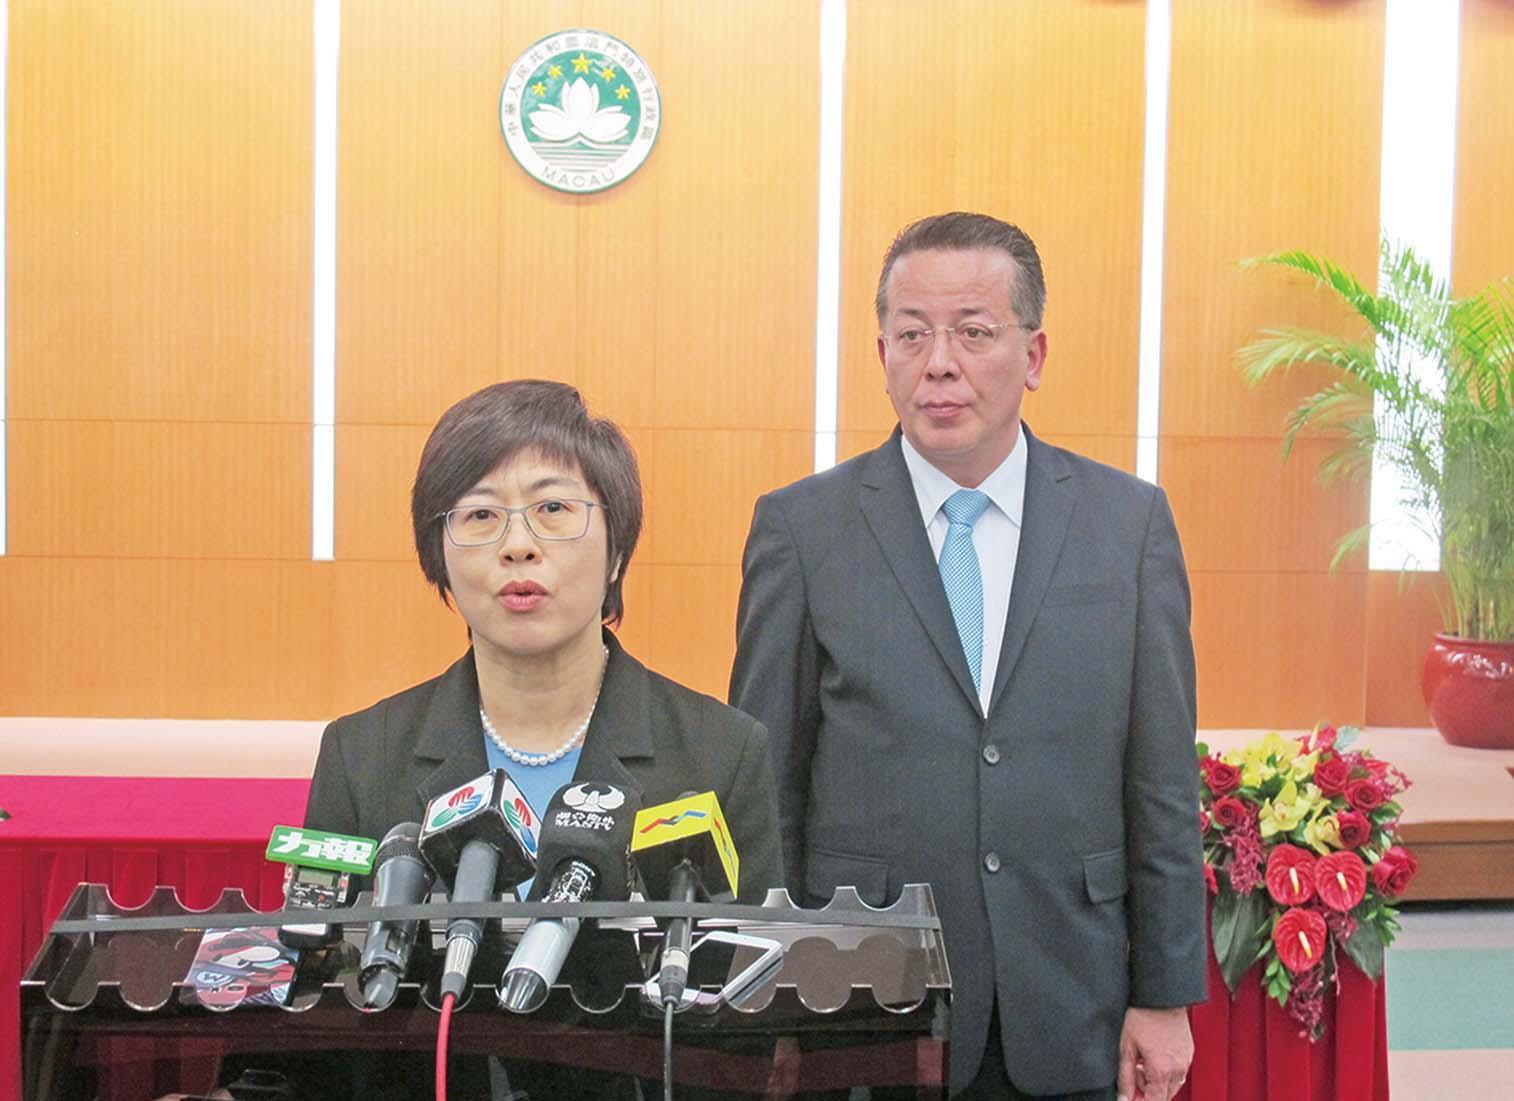 陳司:政府不遺餘力反腐